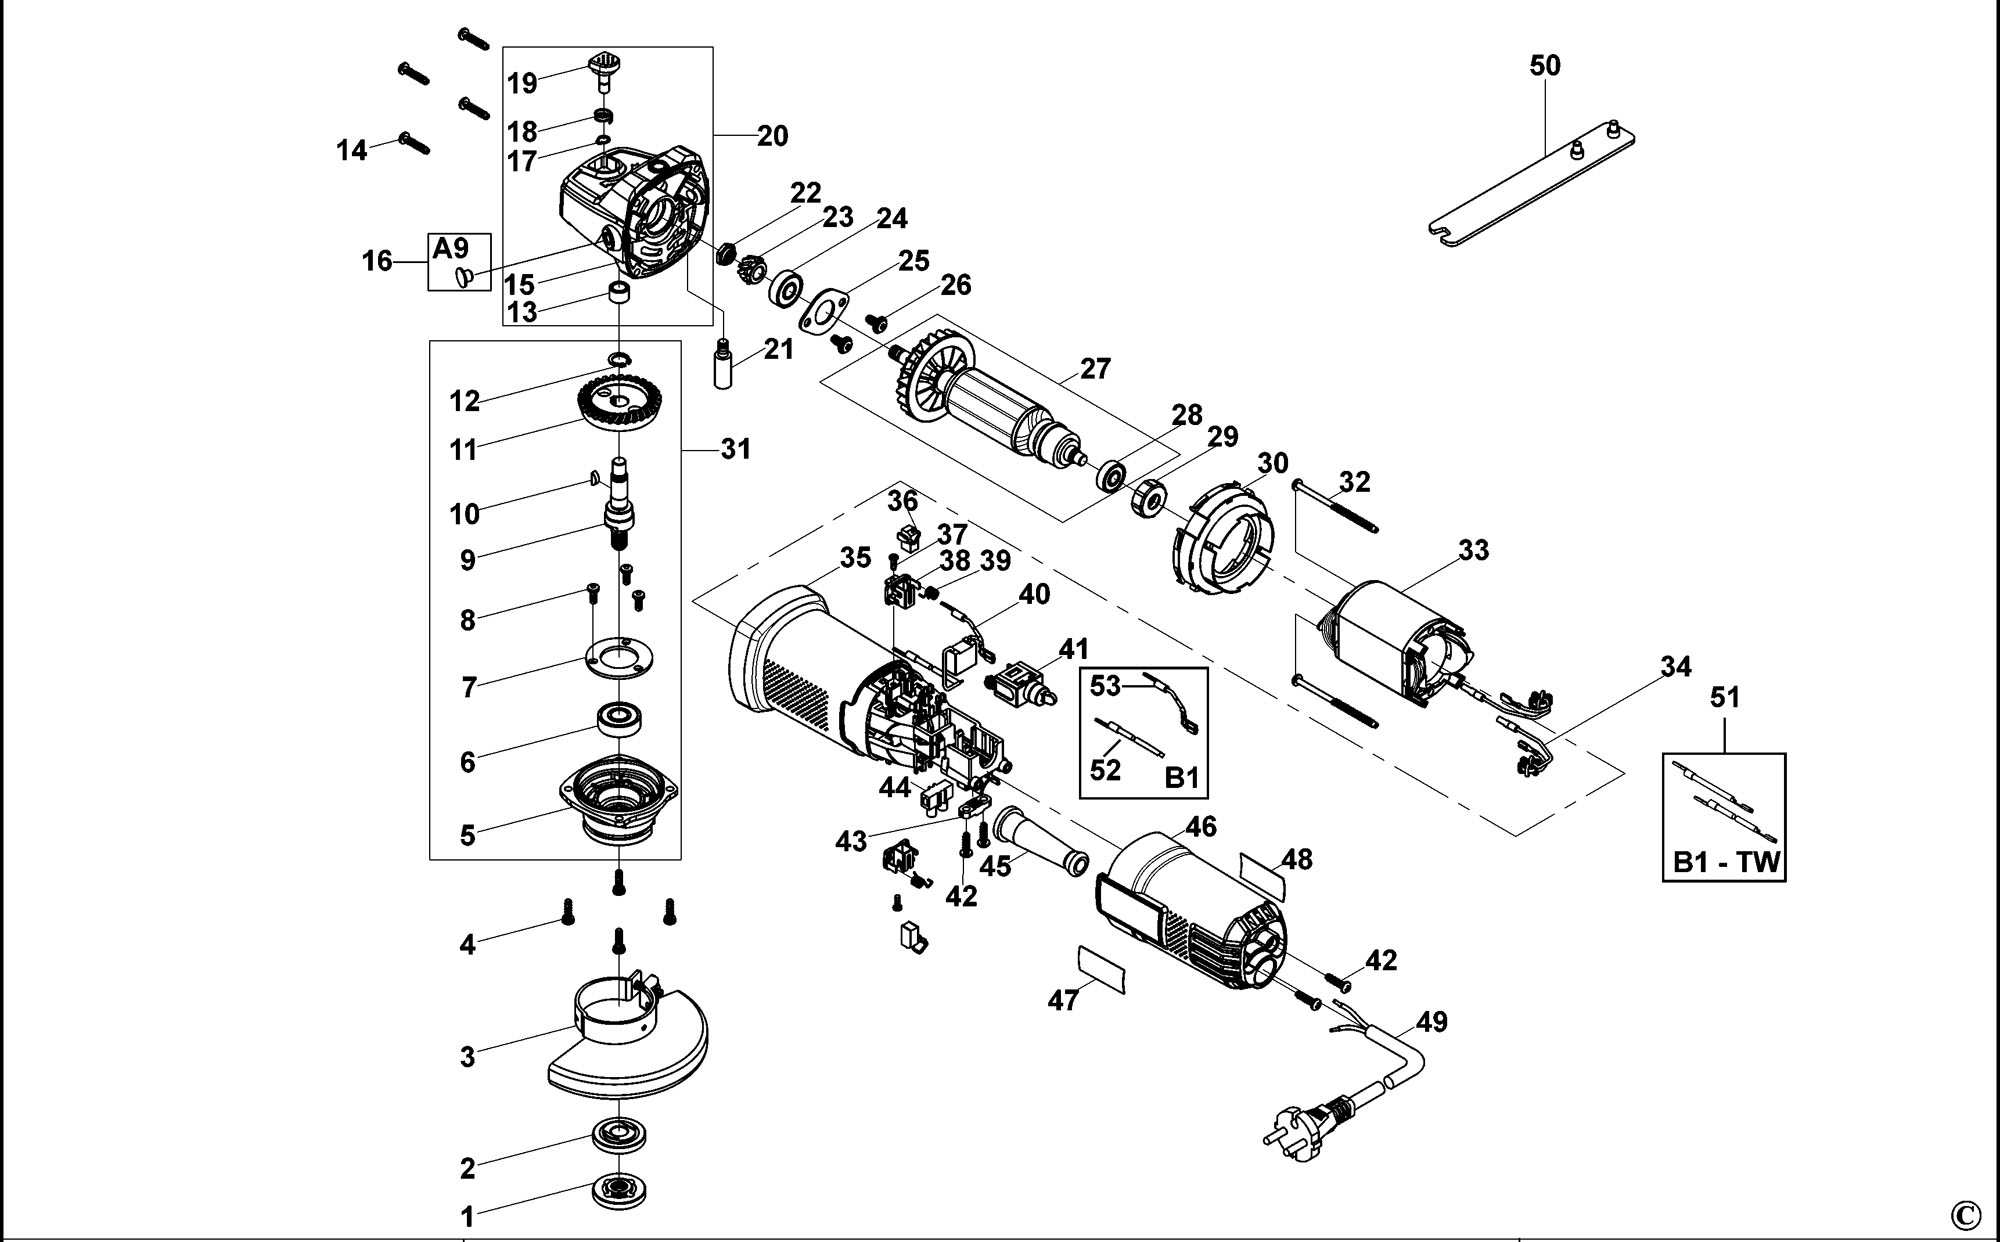 Spares for Black & Decker Ktg15t Angle Grinder (type 1